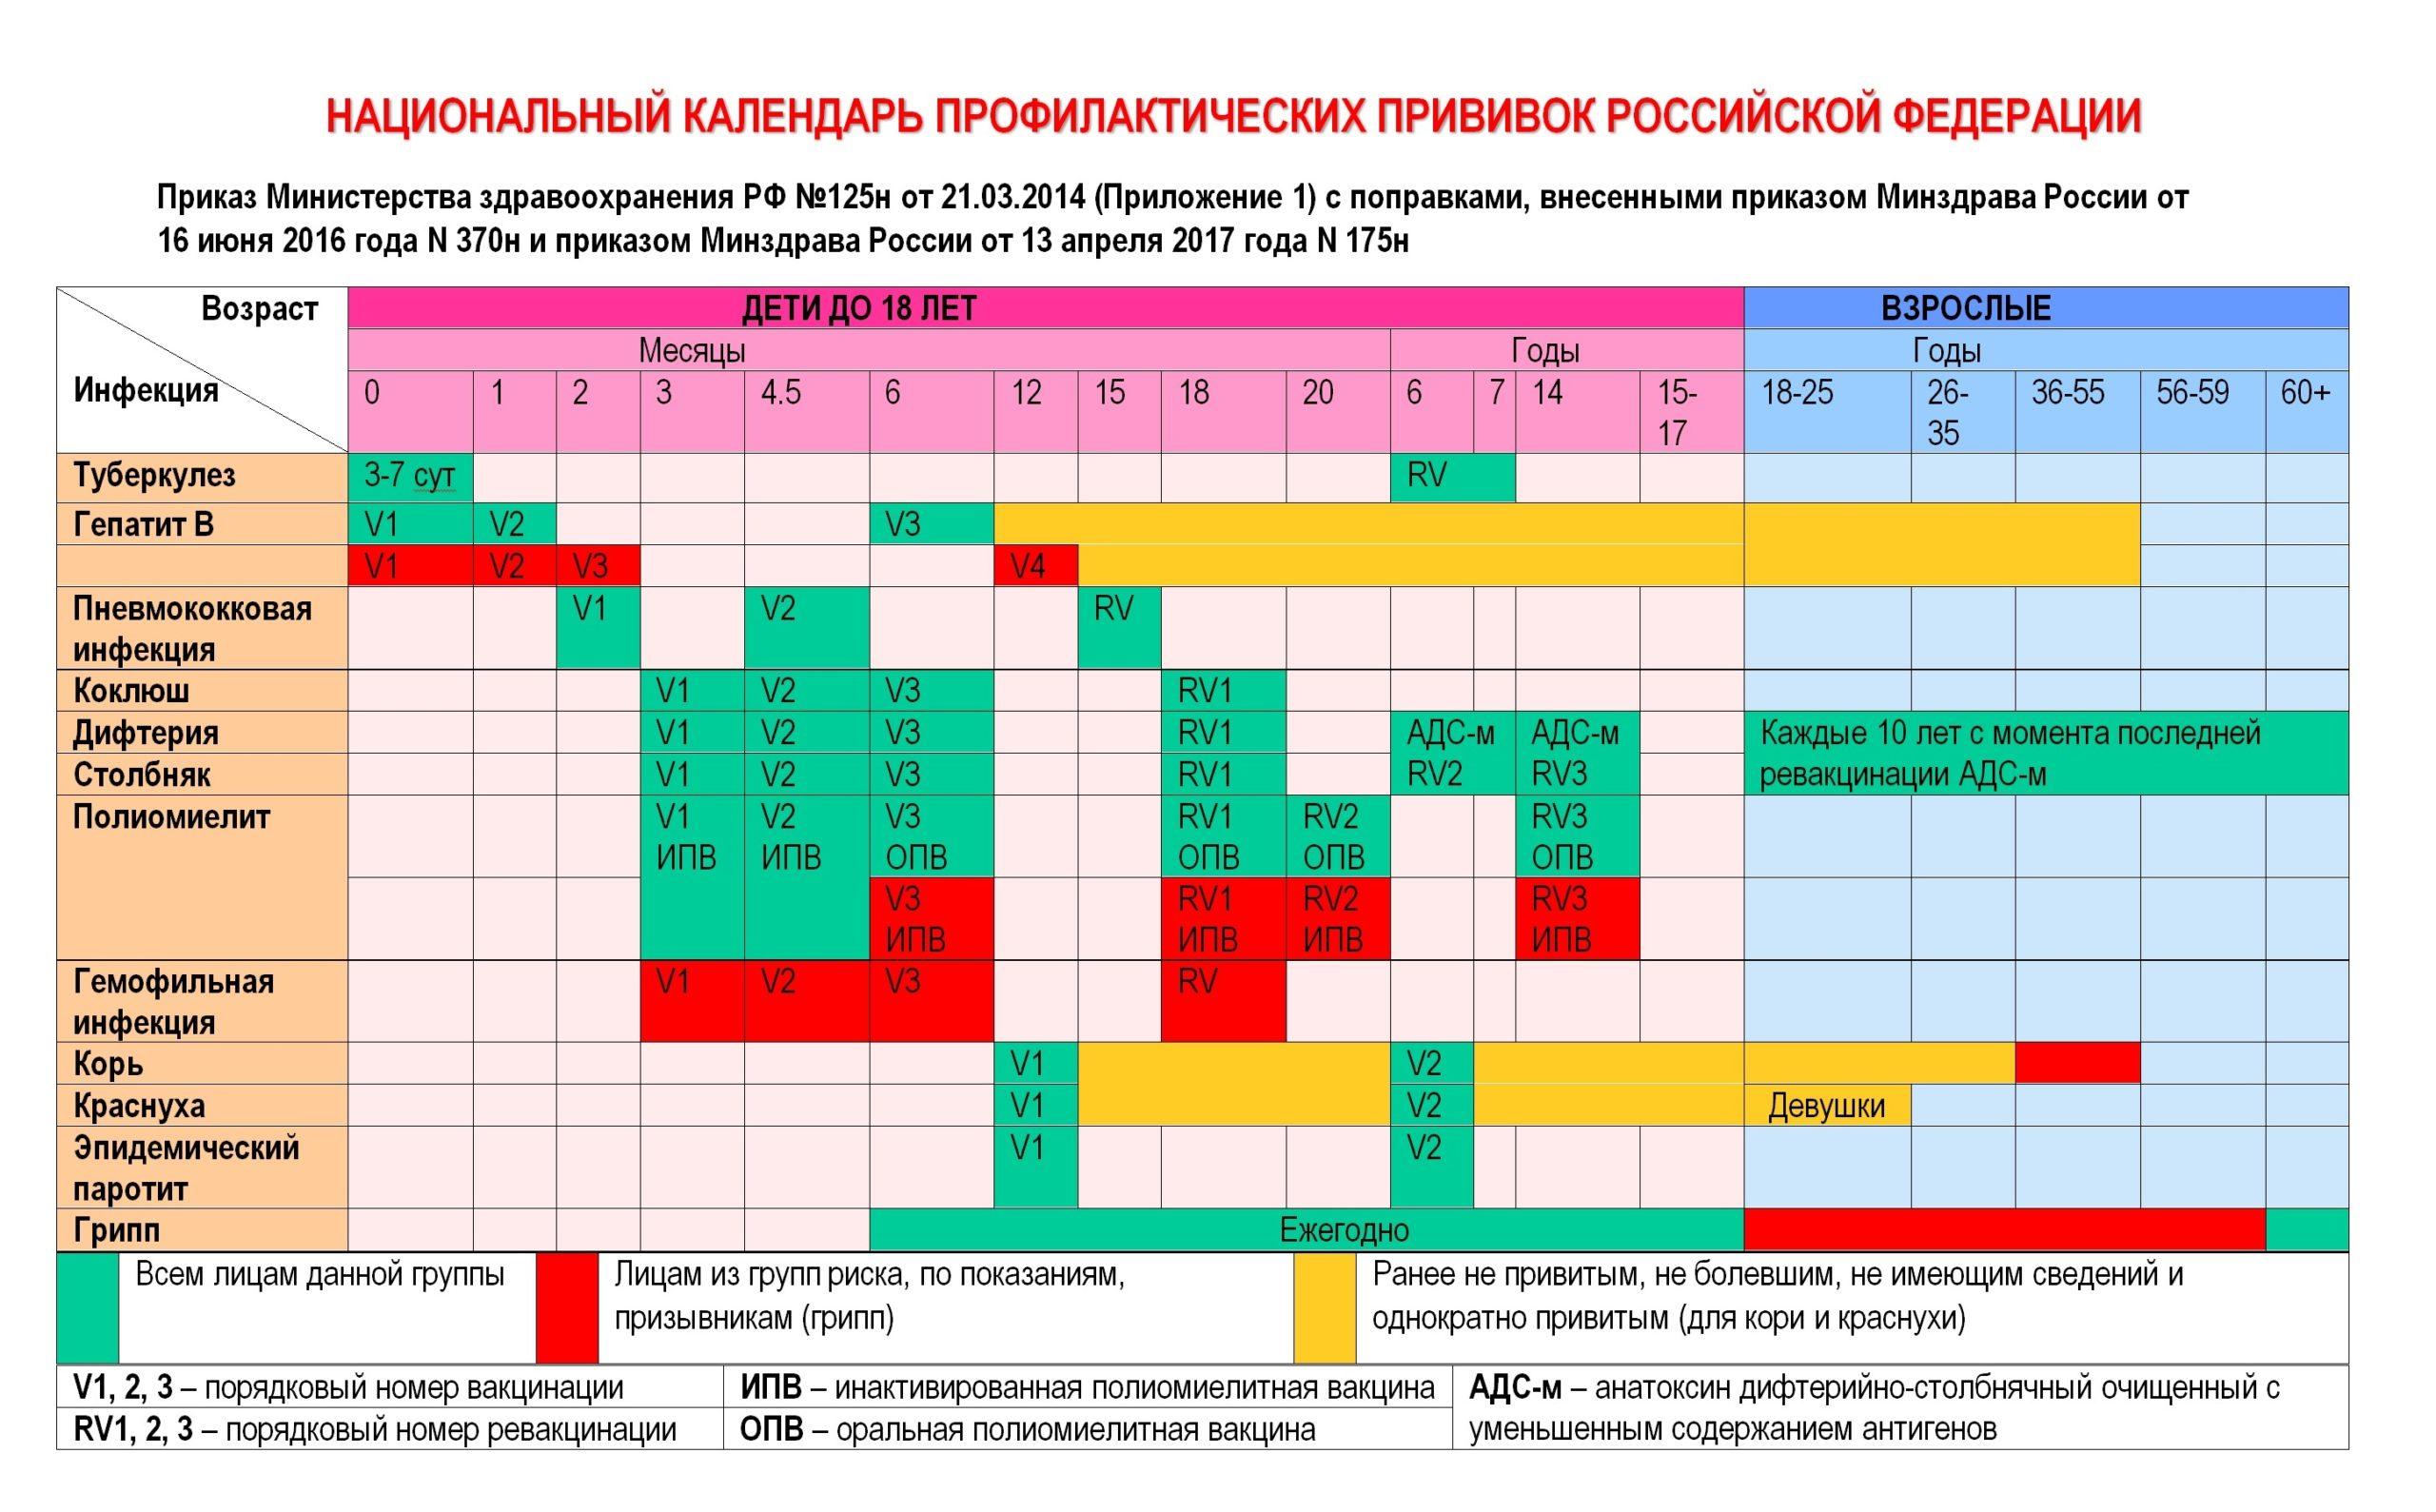 Прививки в 1 год, в 2 и 3 года: календарь прививок для детей, график вакцинации